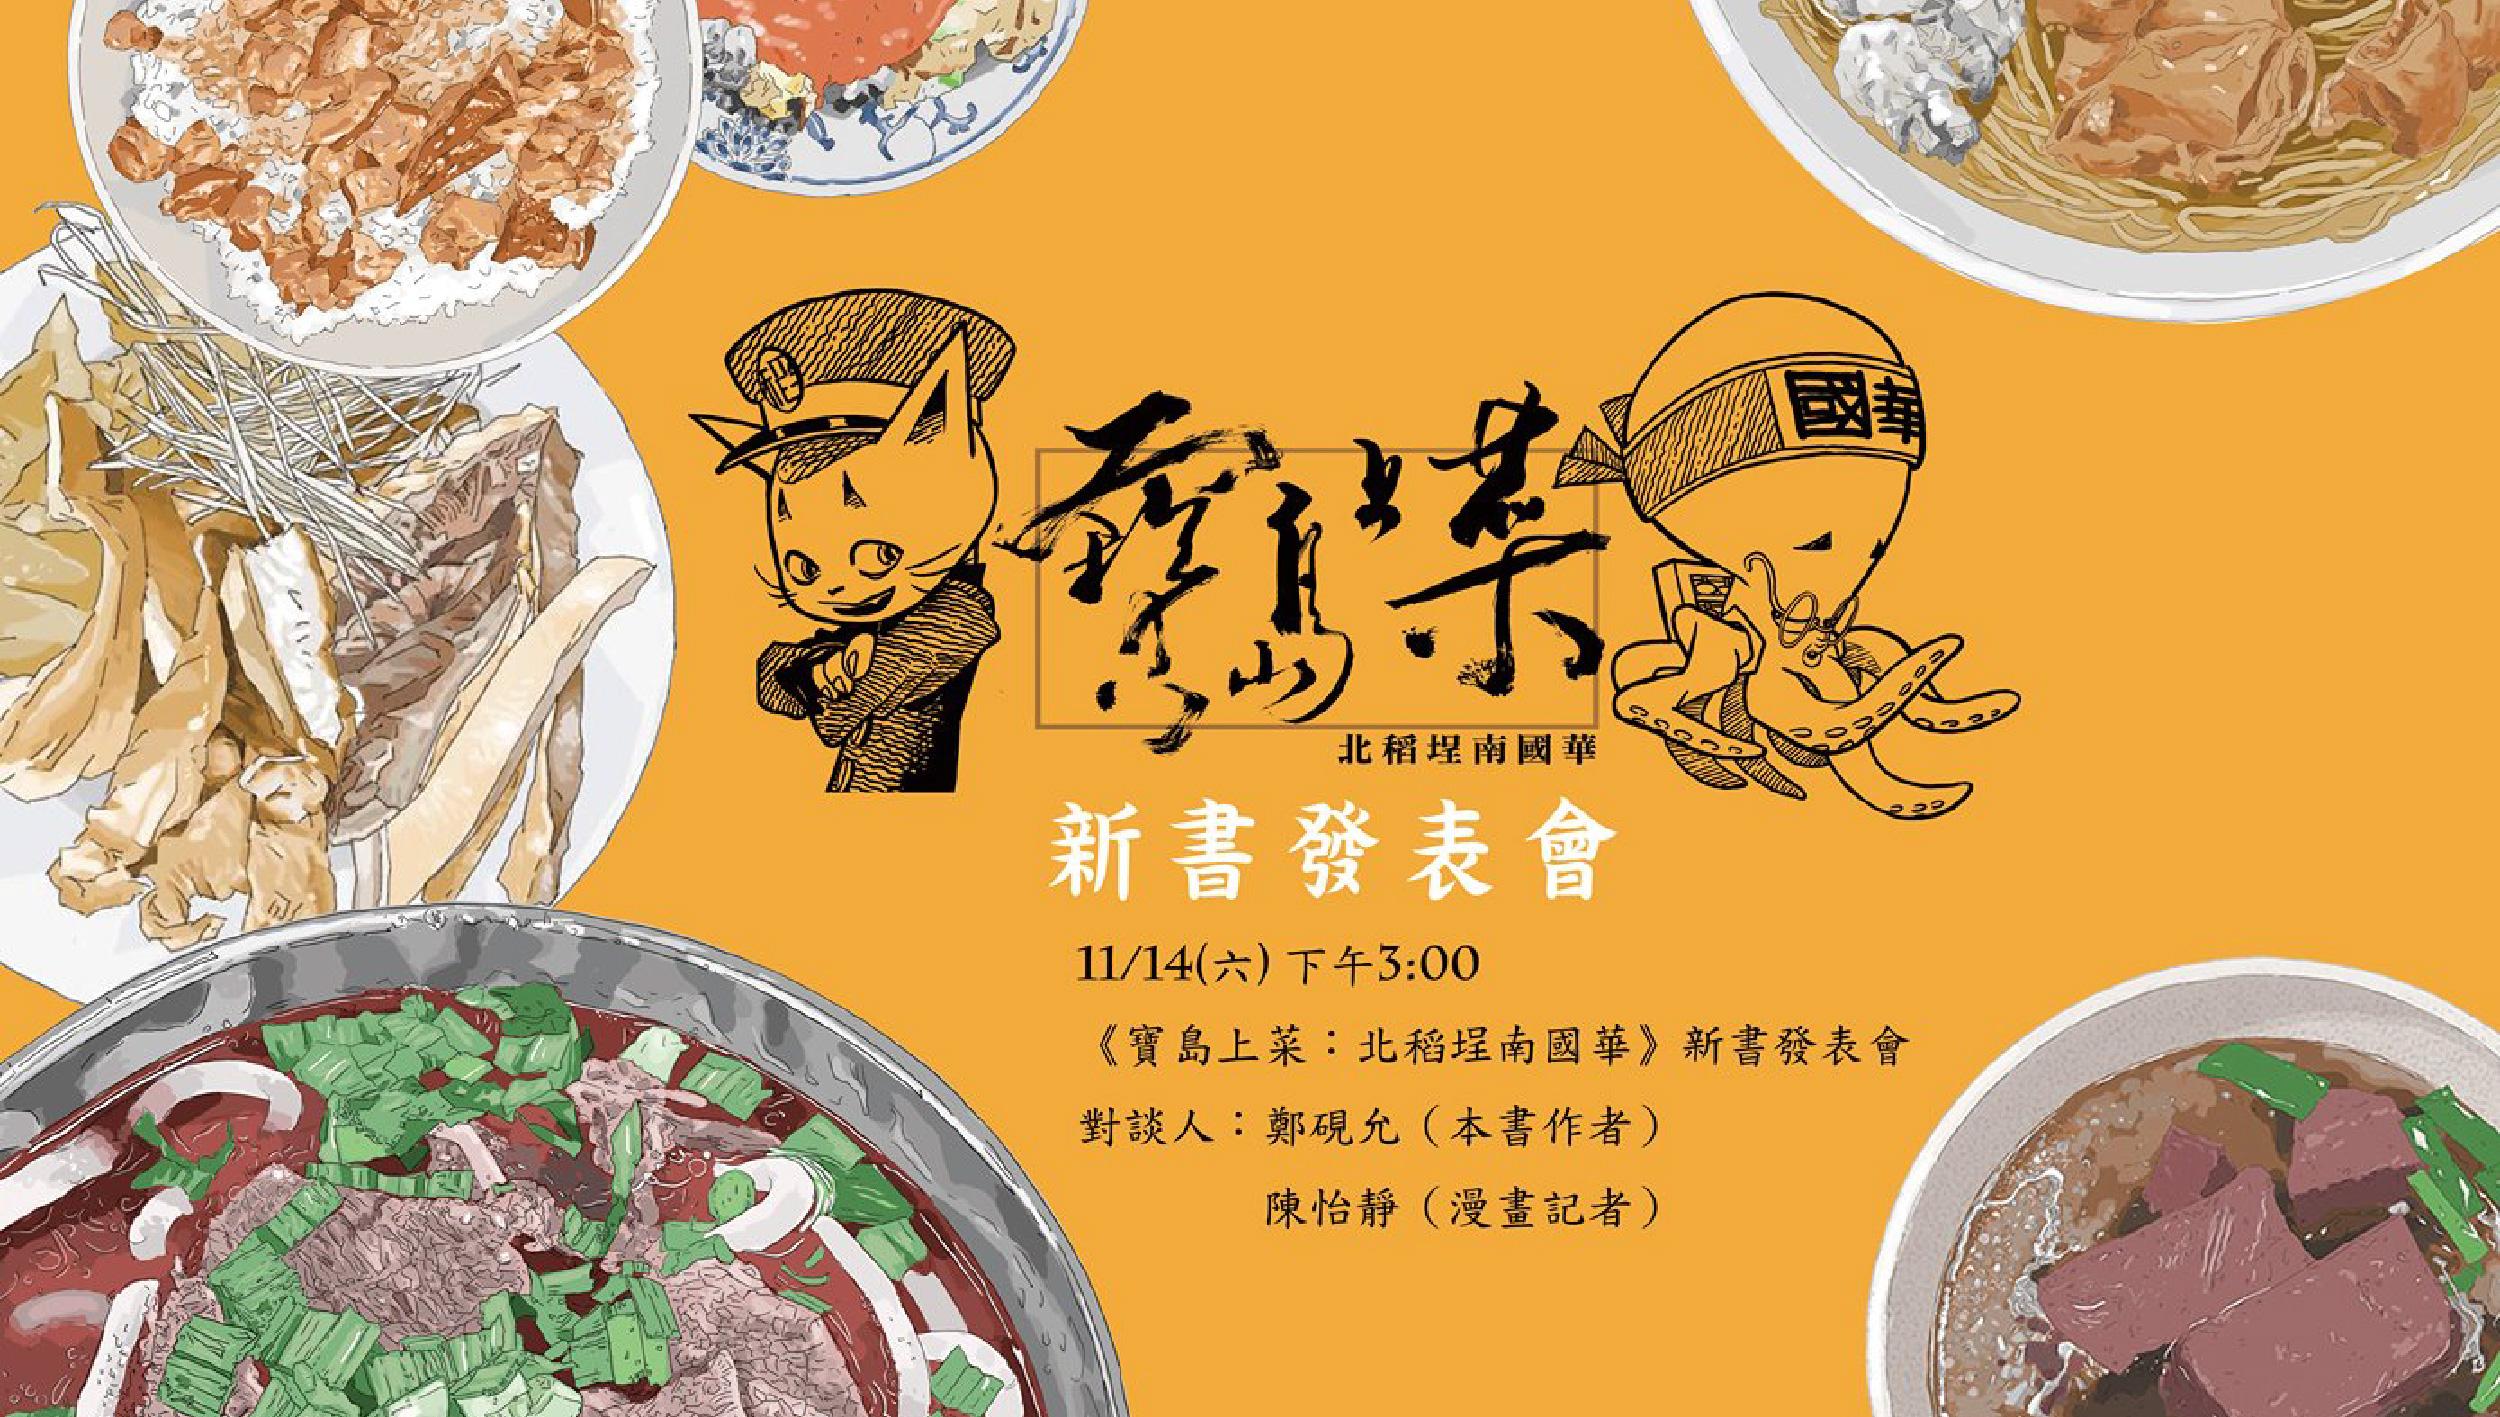 《寶島上菜:北稻埕南國華》新書發表會